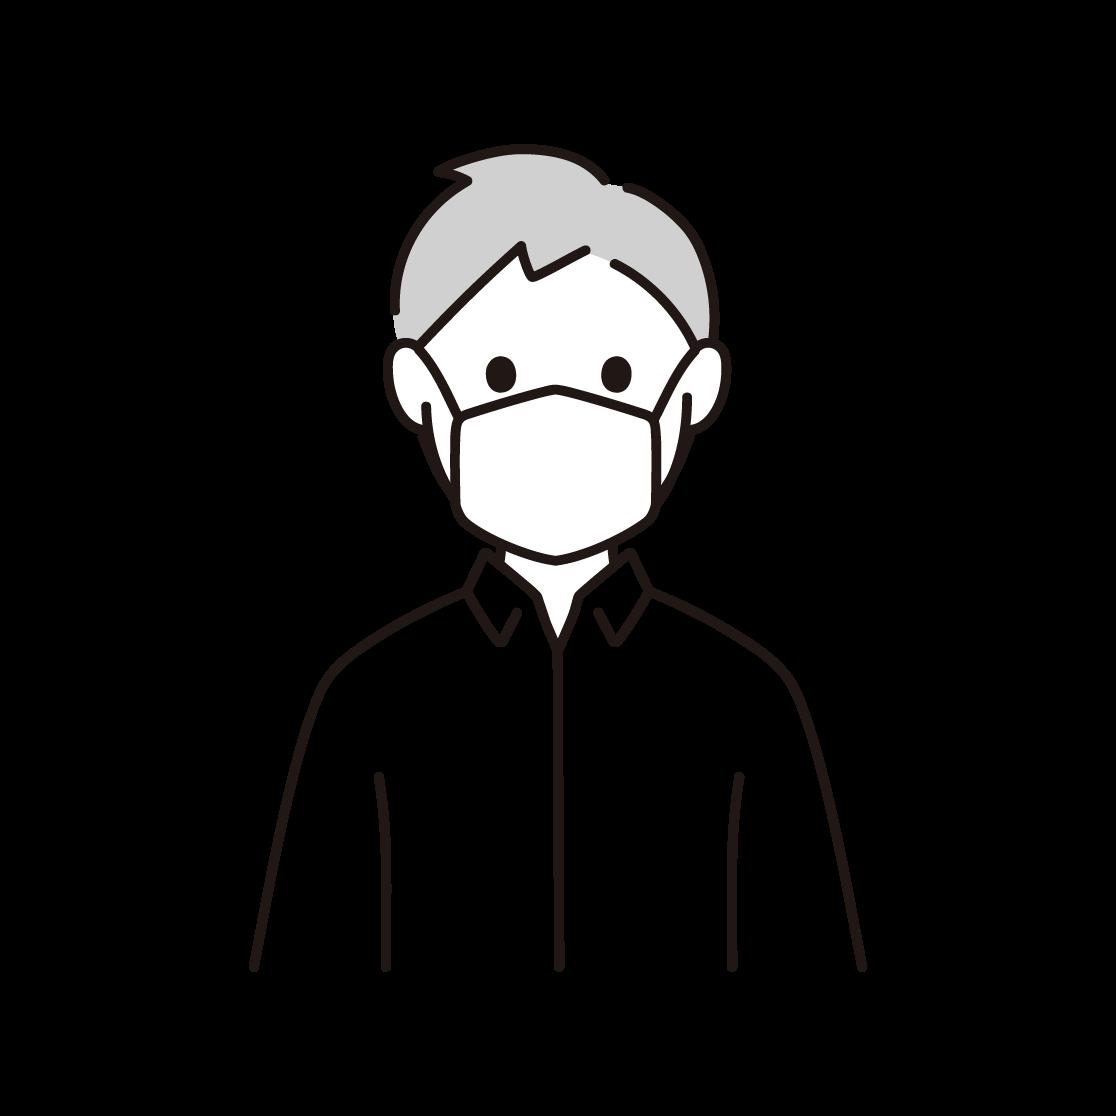 マスクをする人の単色イラスト